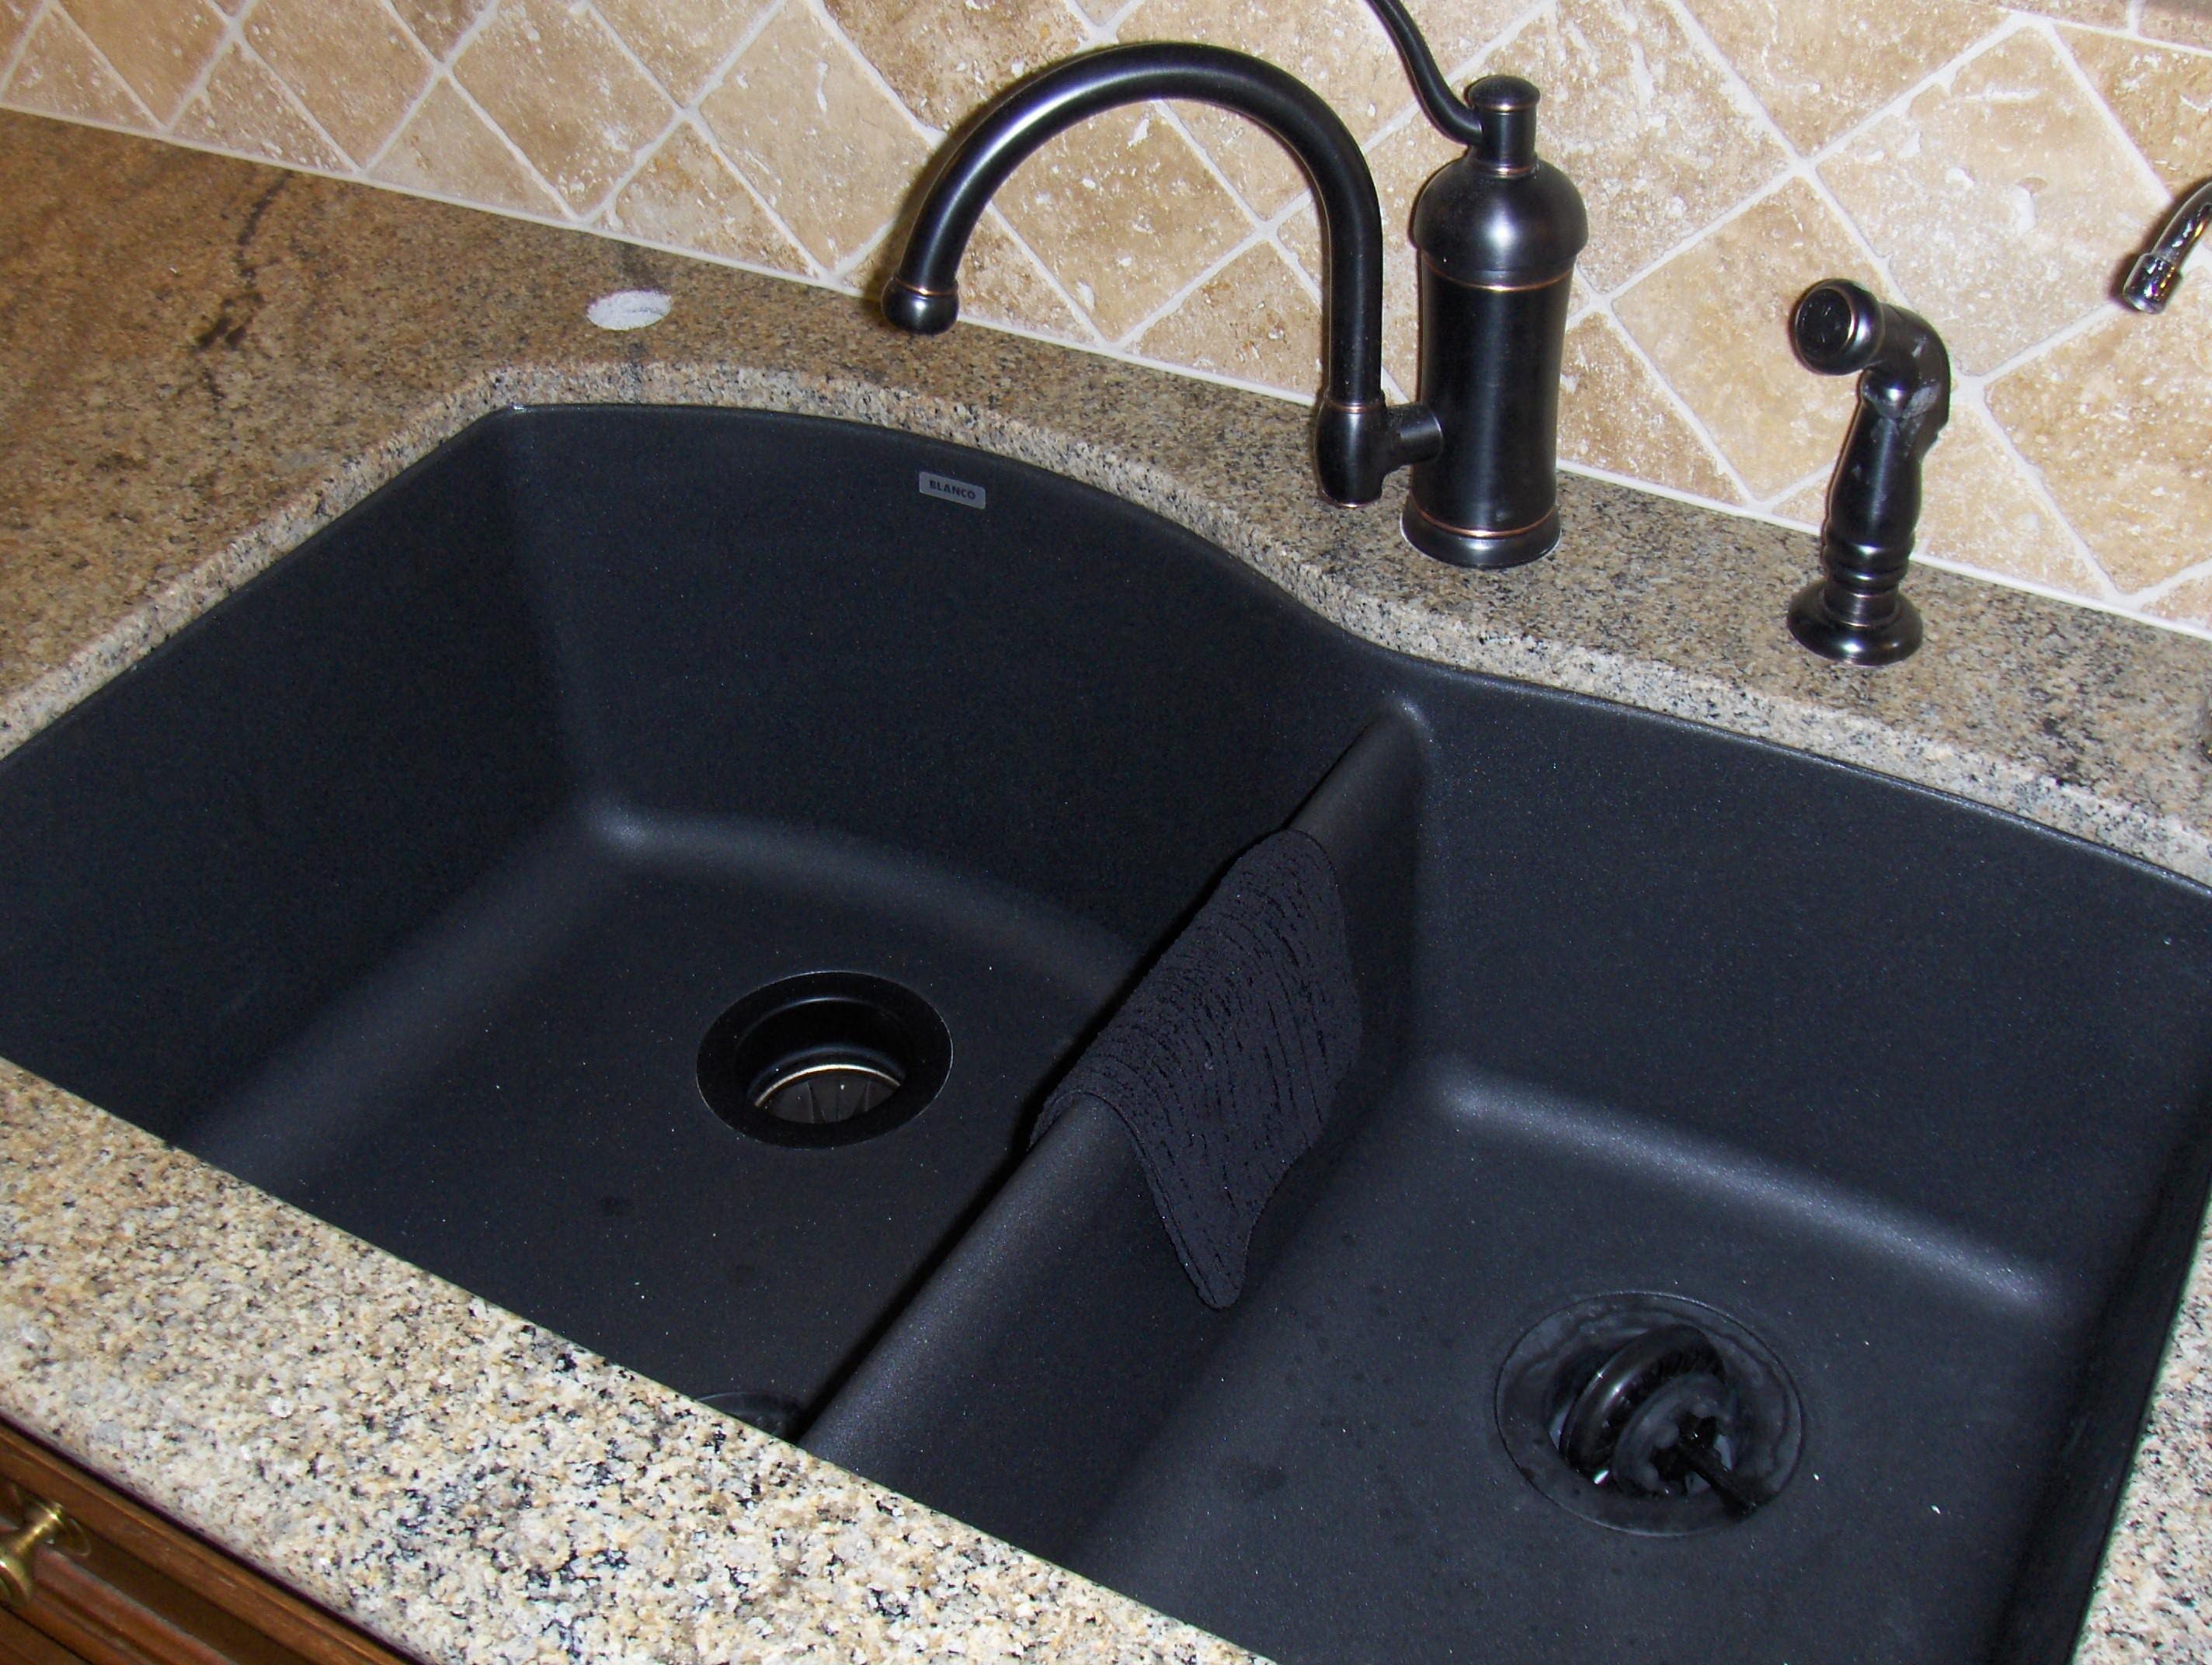 Black granite sink and faucet | Hawk Haven